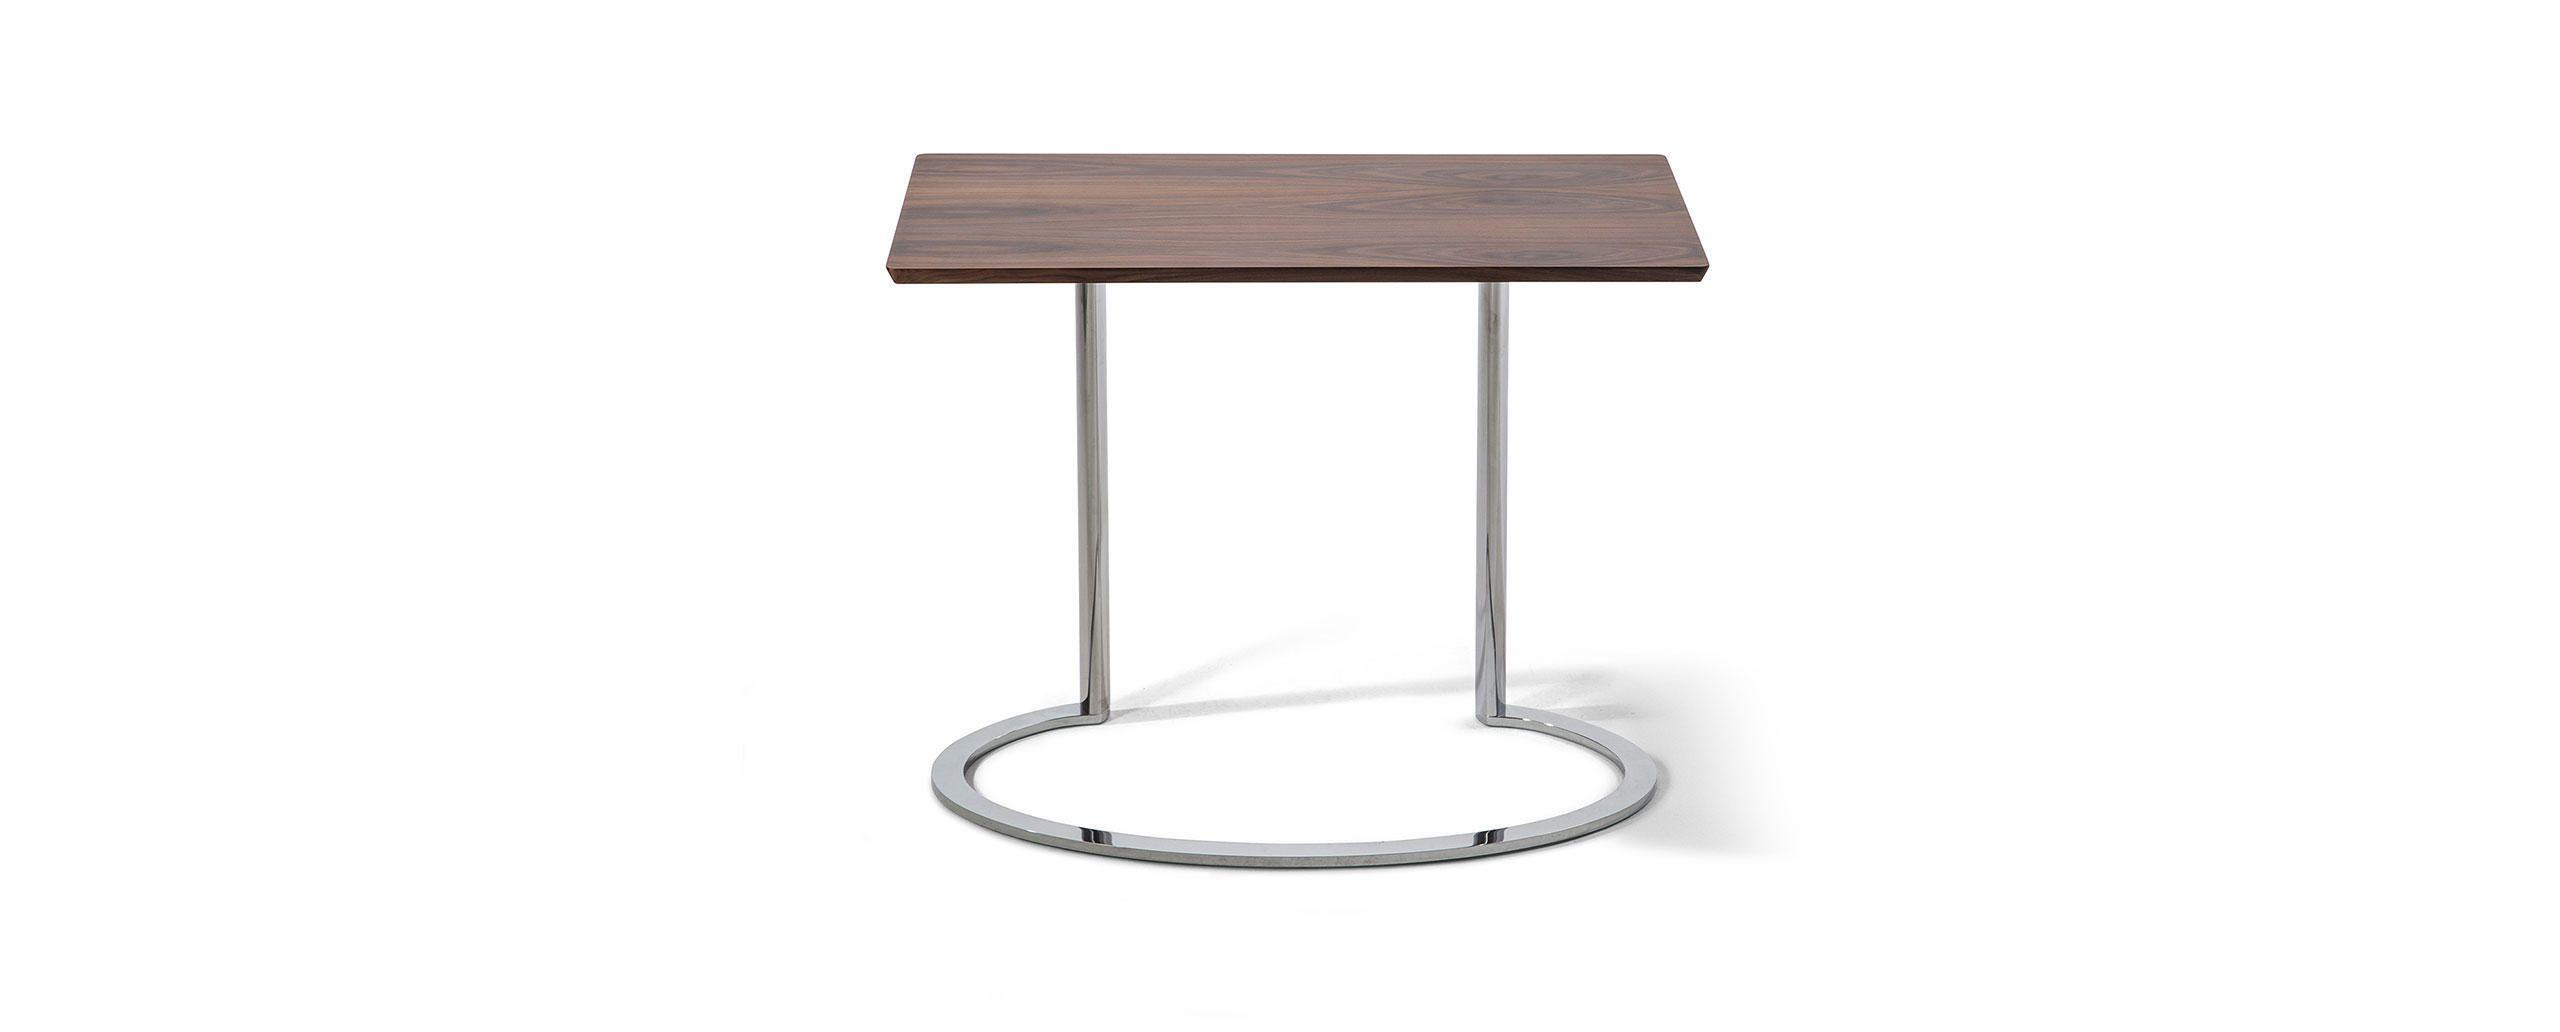 3eaf16c3137dd6380a3dcd23d0bce15d Incroyable De Table Basse Le Corbusier Concept